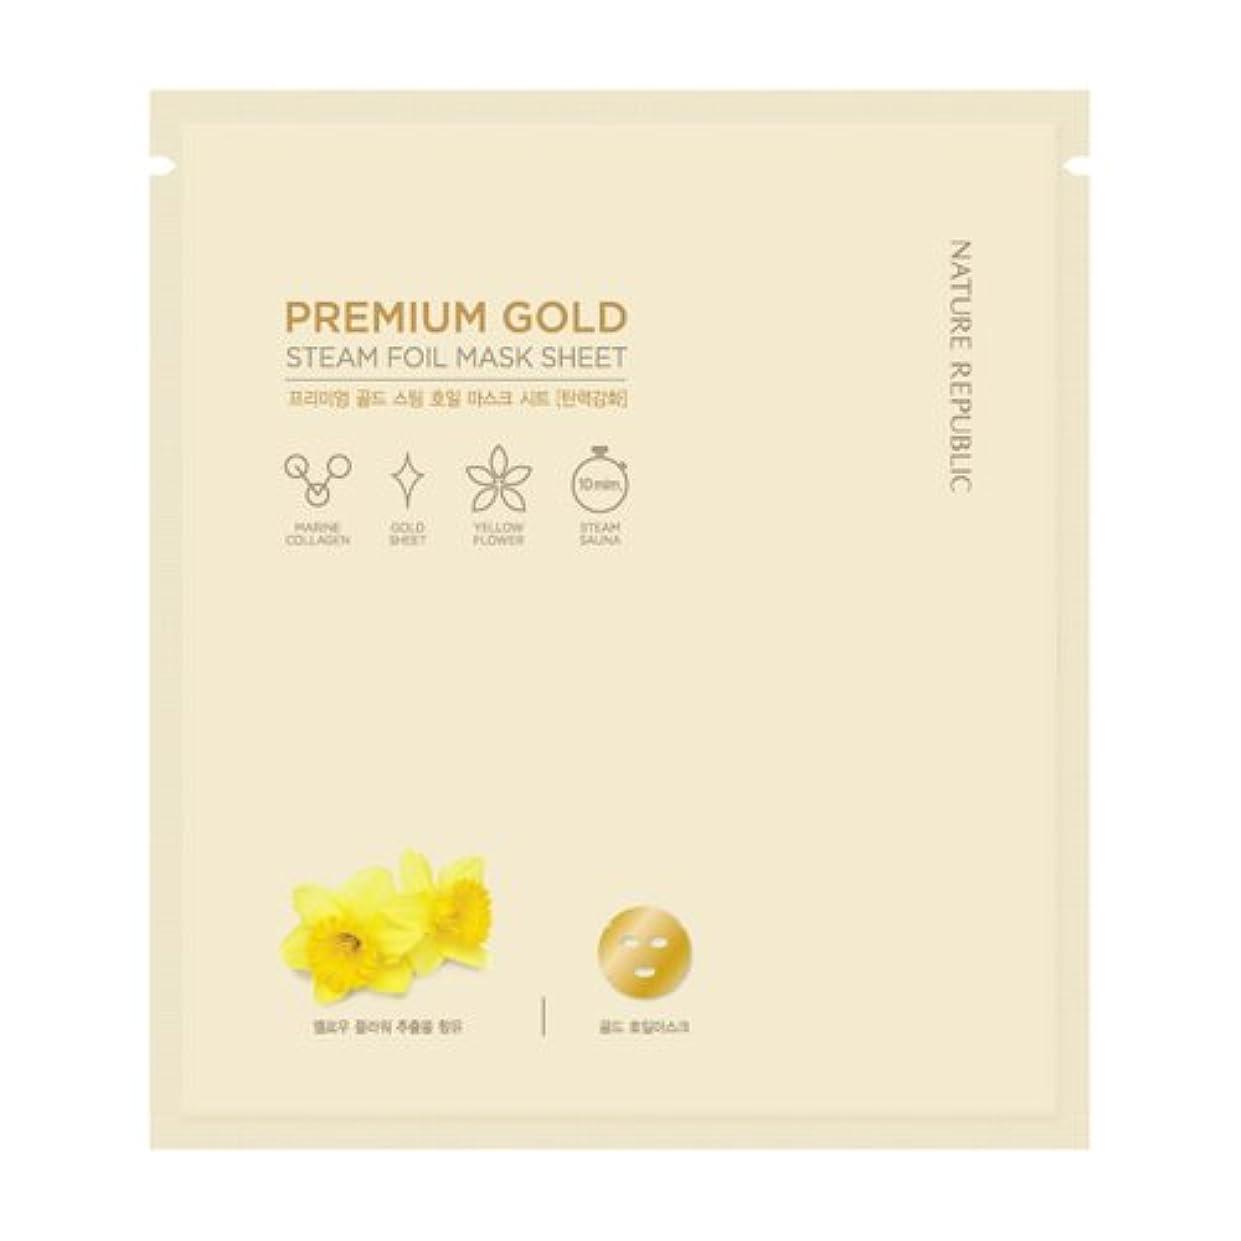 アーク美容師診断するNature Republic Premium Gold Steam Foil Mask Sheet [5ea] ネーチャーリパブリック プレミアムゴールドスチームホイルマスクシート [5枚] [並行輸入品]